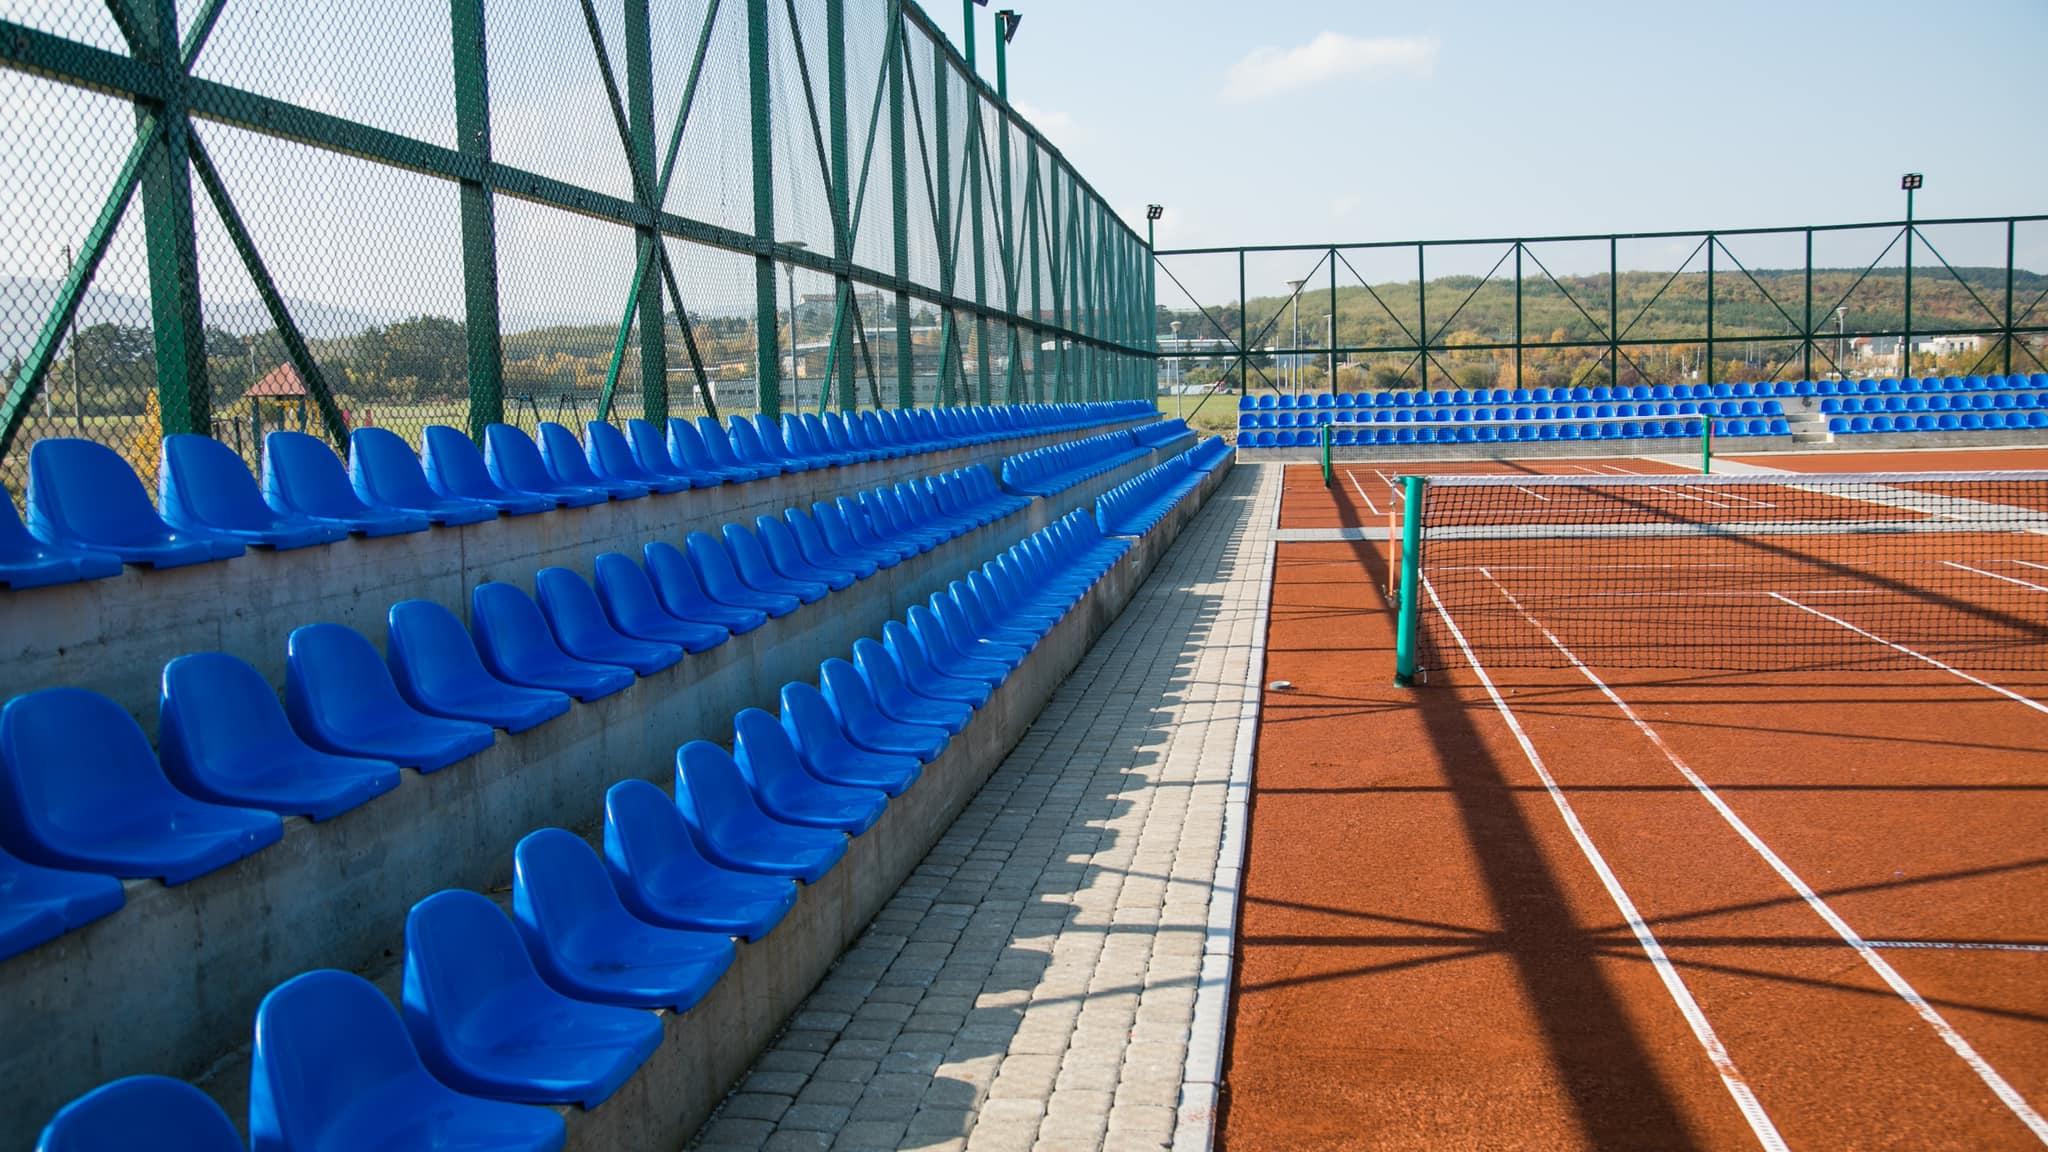 123005410 3522340157811794 6484062709958182615 o1 - Përurohet fusha e tenisit dhe vihet gurthemeli i Qendrës Multifunksionale në Ferizaj